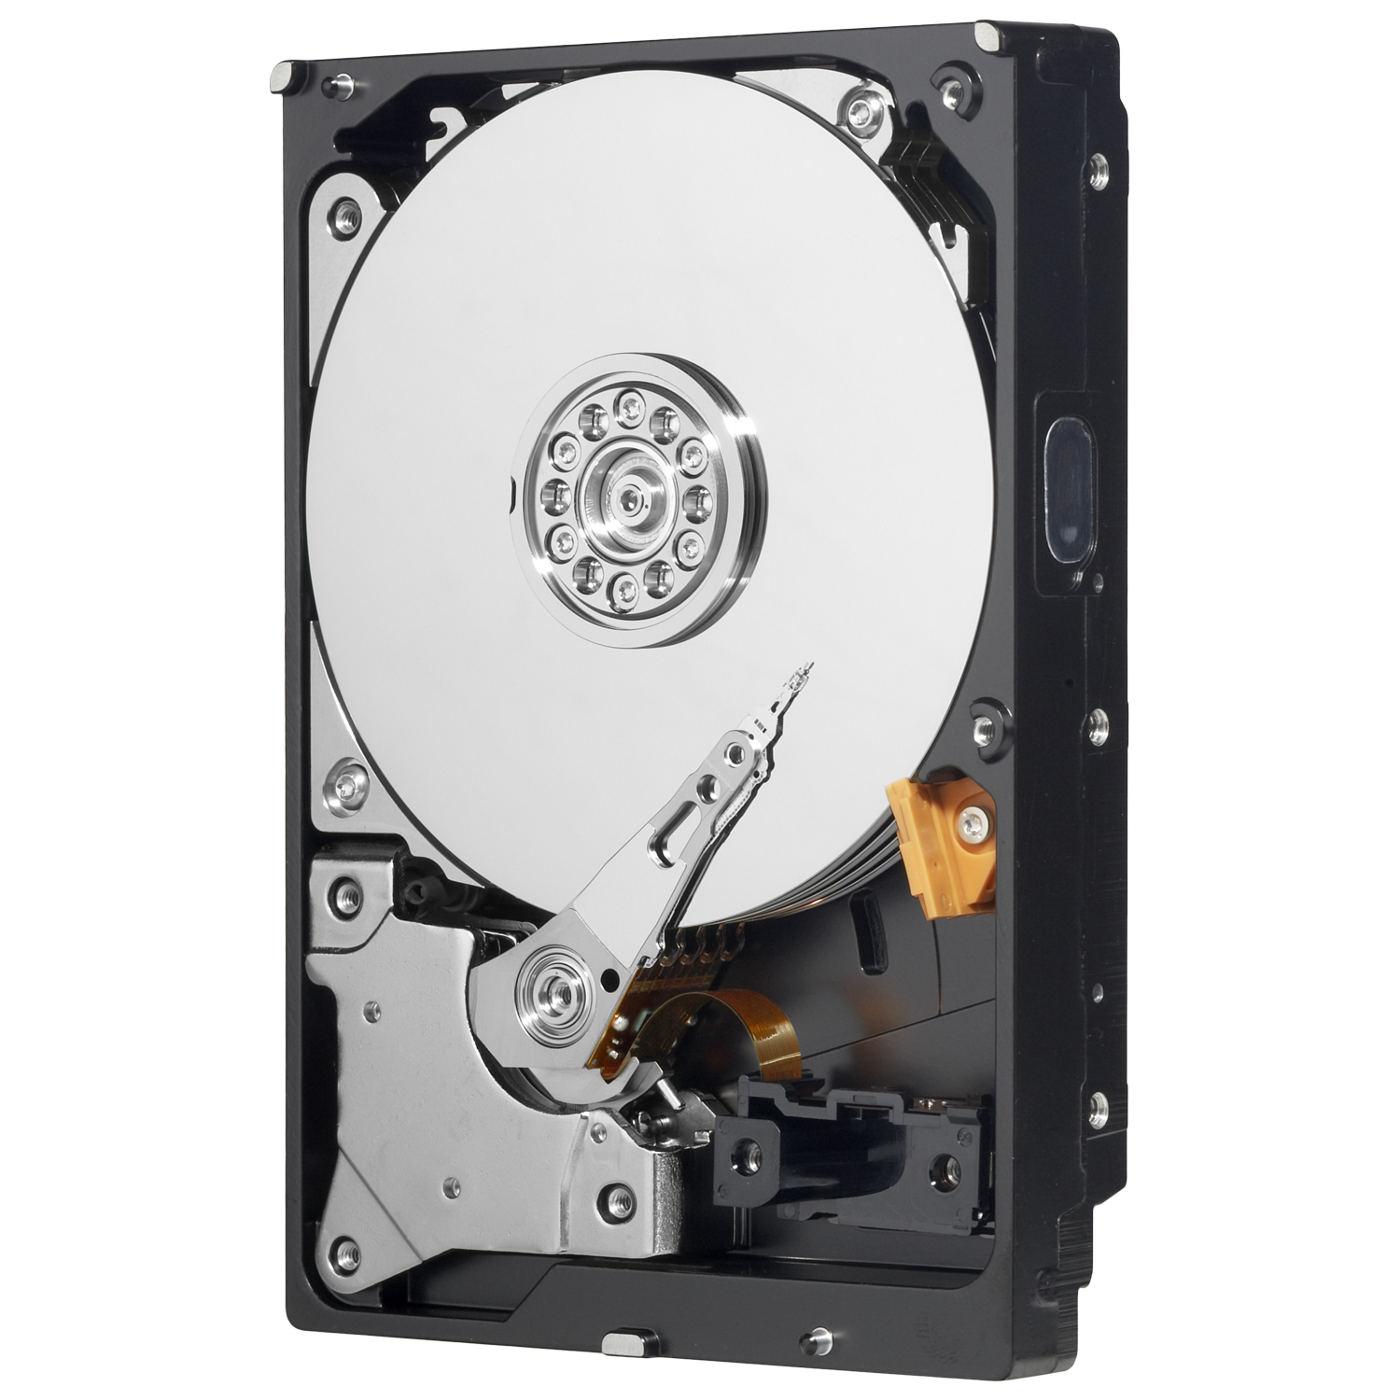 """Disque dur interne WD AV-GP 4 To SATA 6Gb/s Disque dur 3.5"""" 4 To 5400 RPM 64 Mo Serial ATA 6Gb/s - WD40EURX (bulk)"""